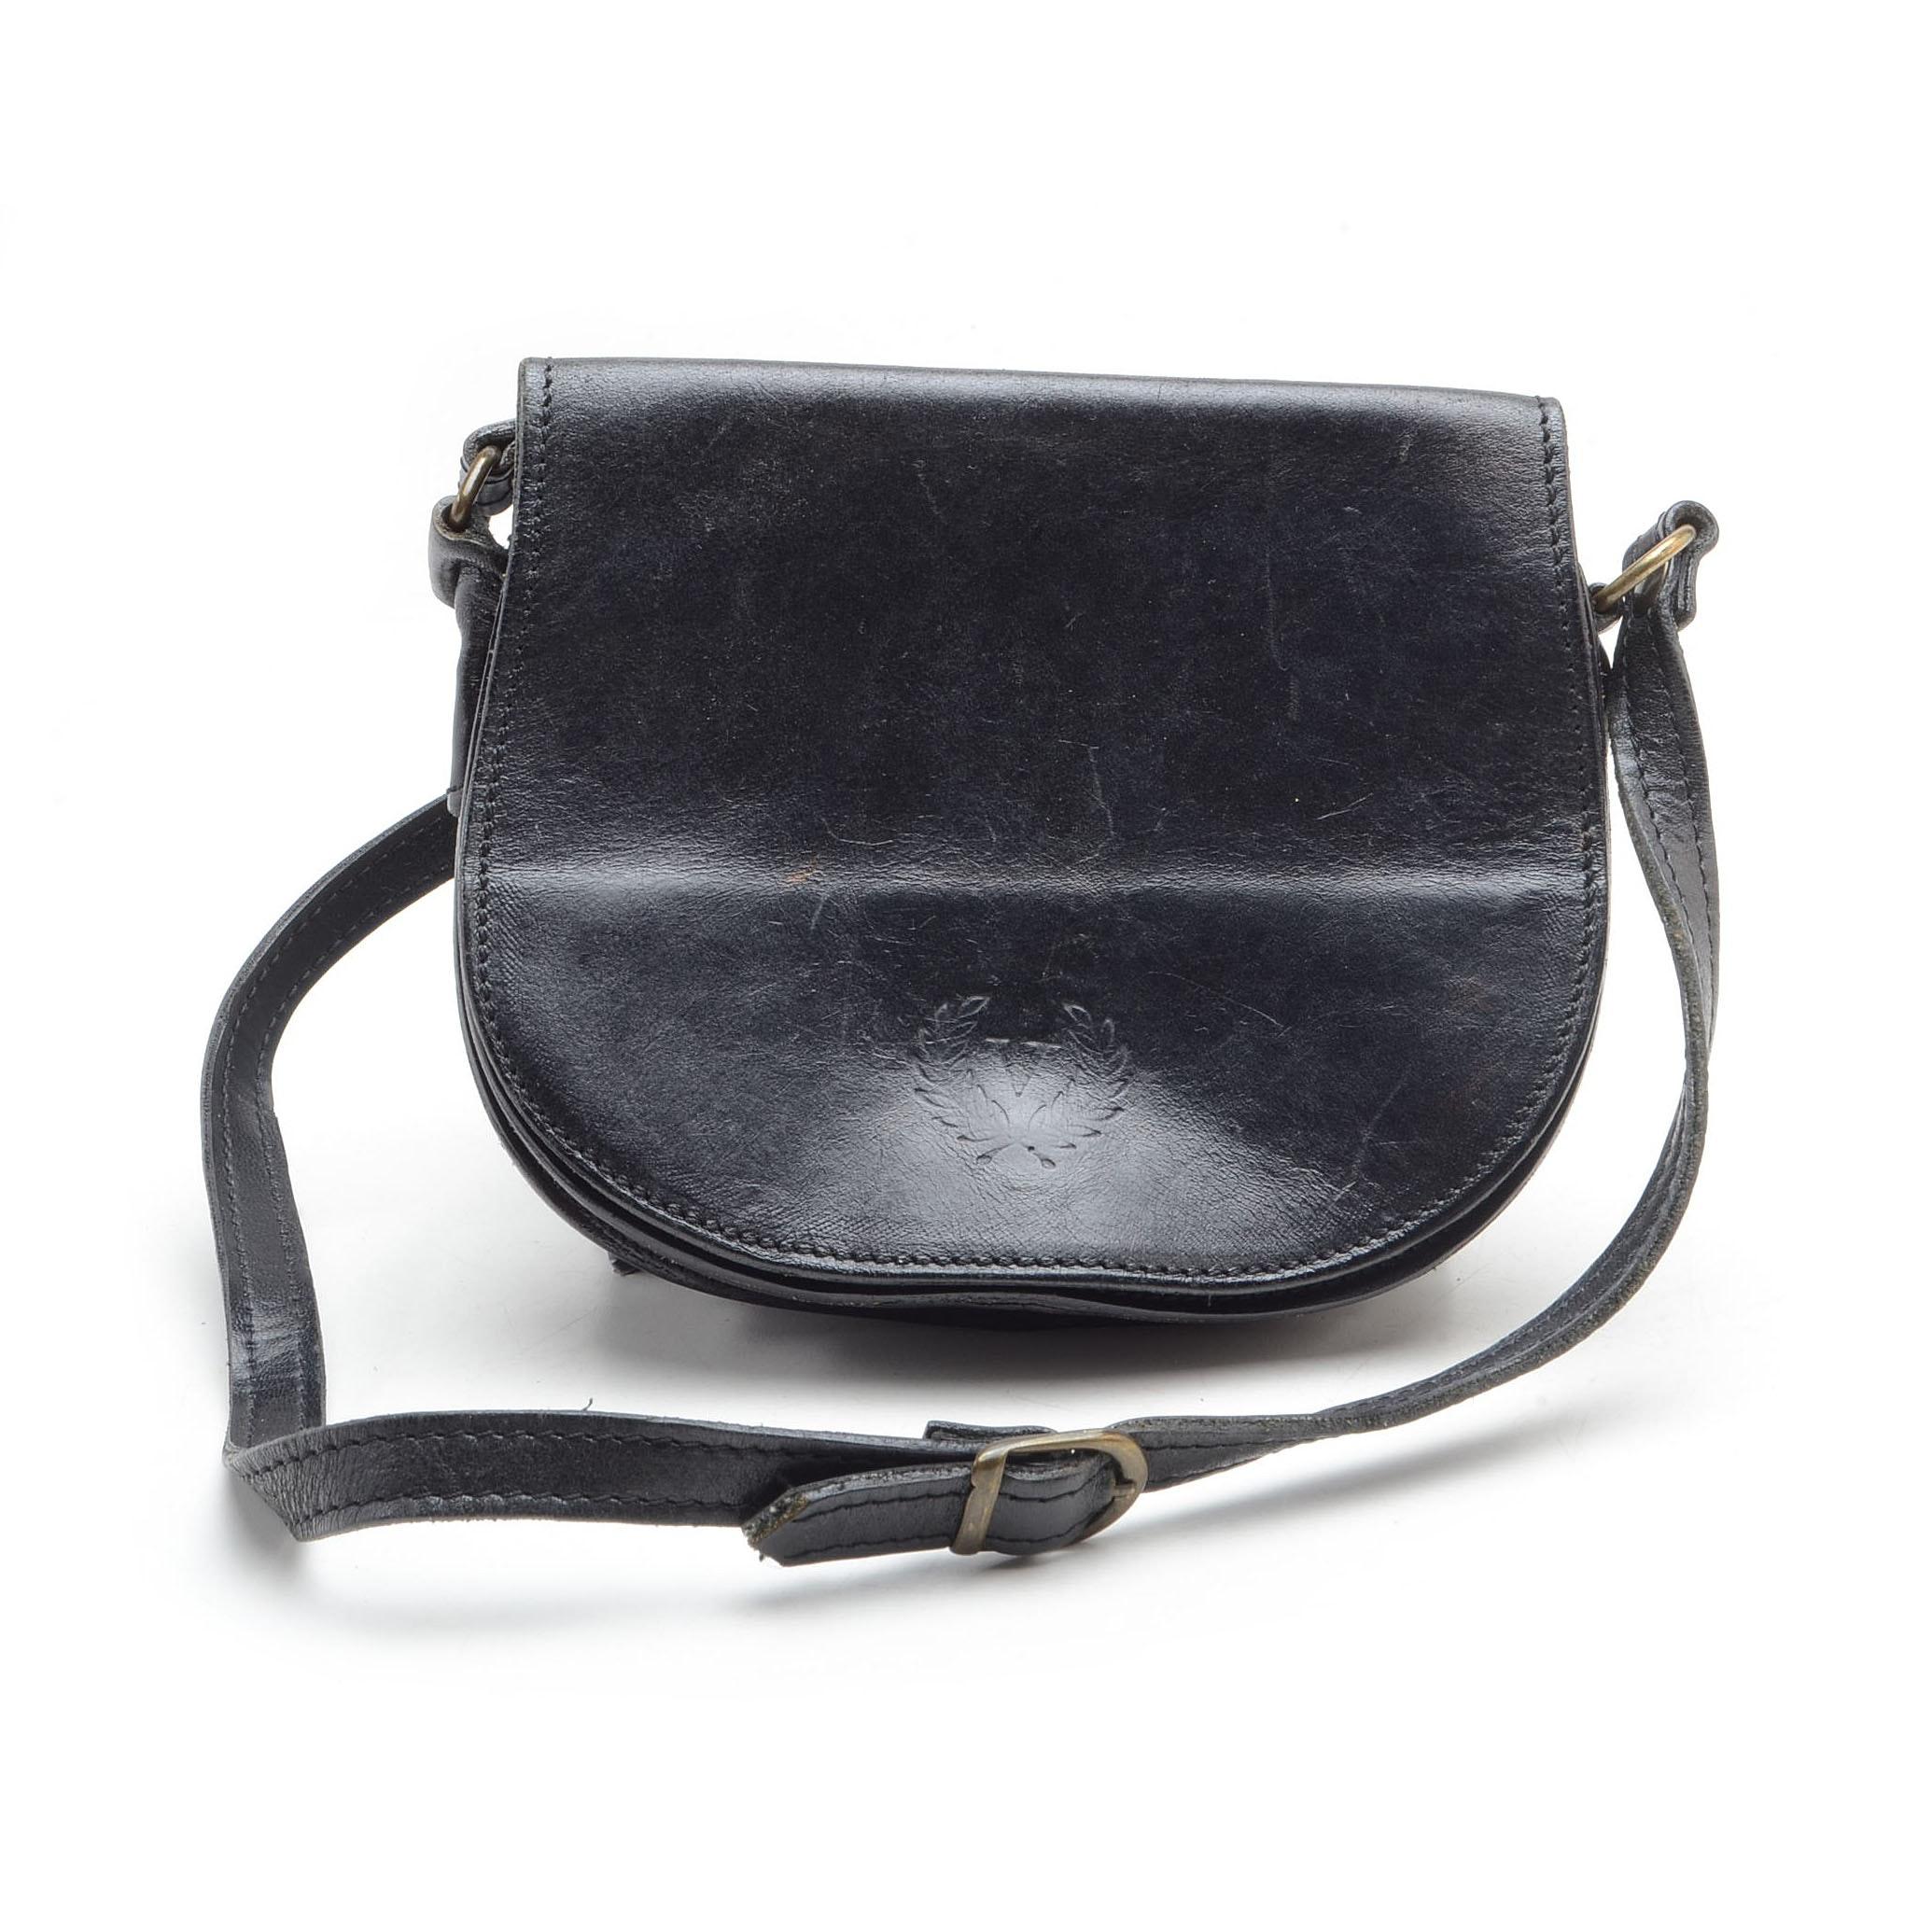 Vintage Italian Black Leather Handbag